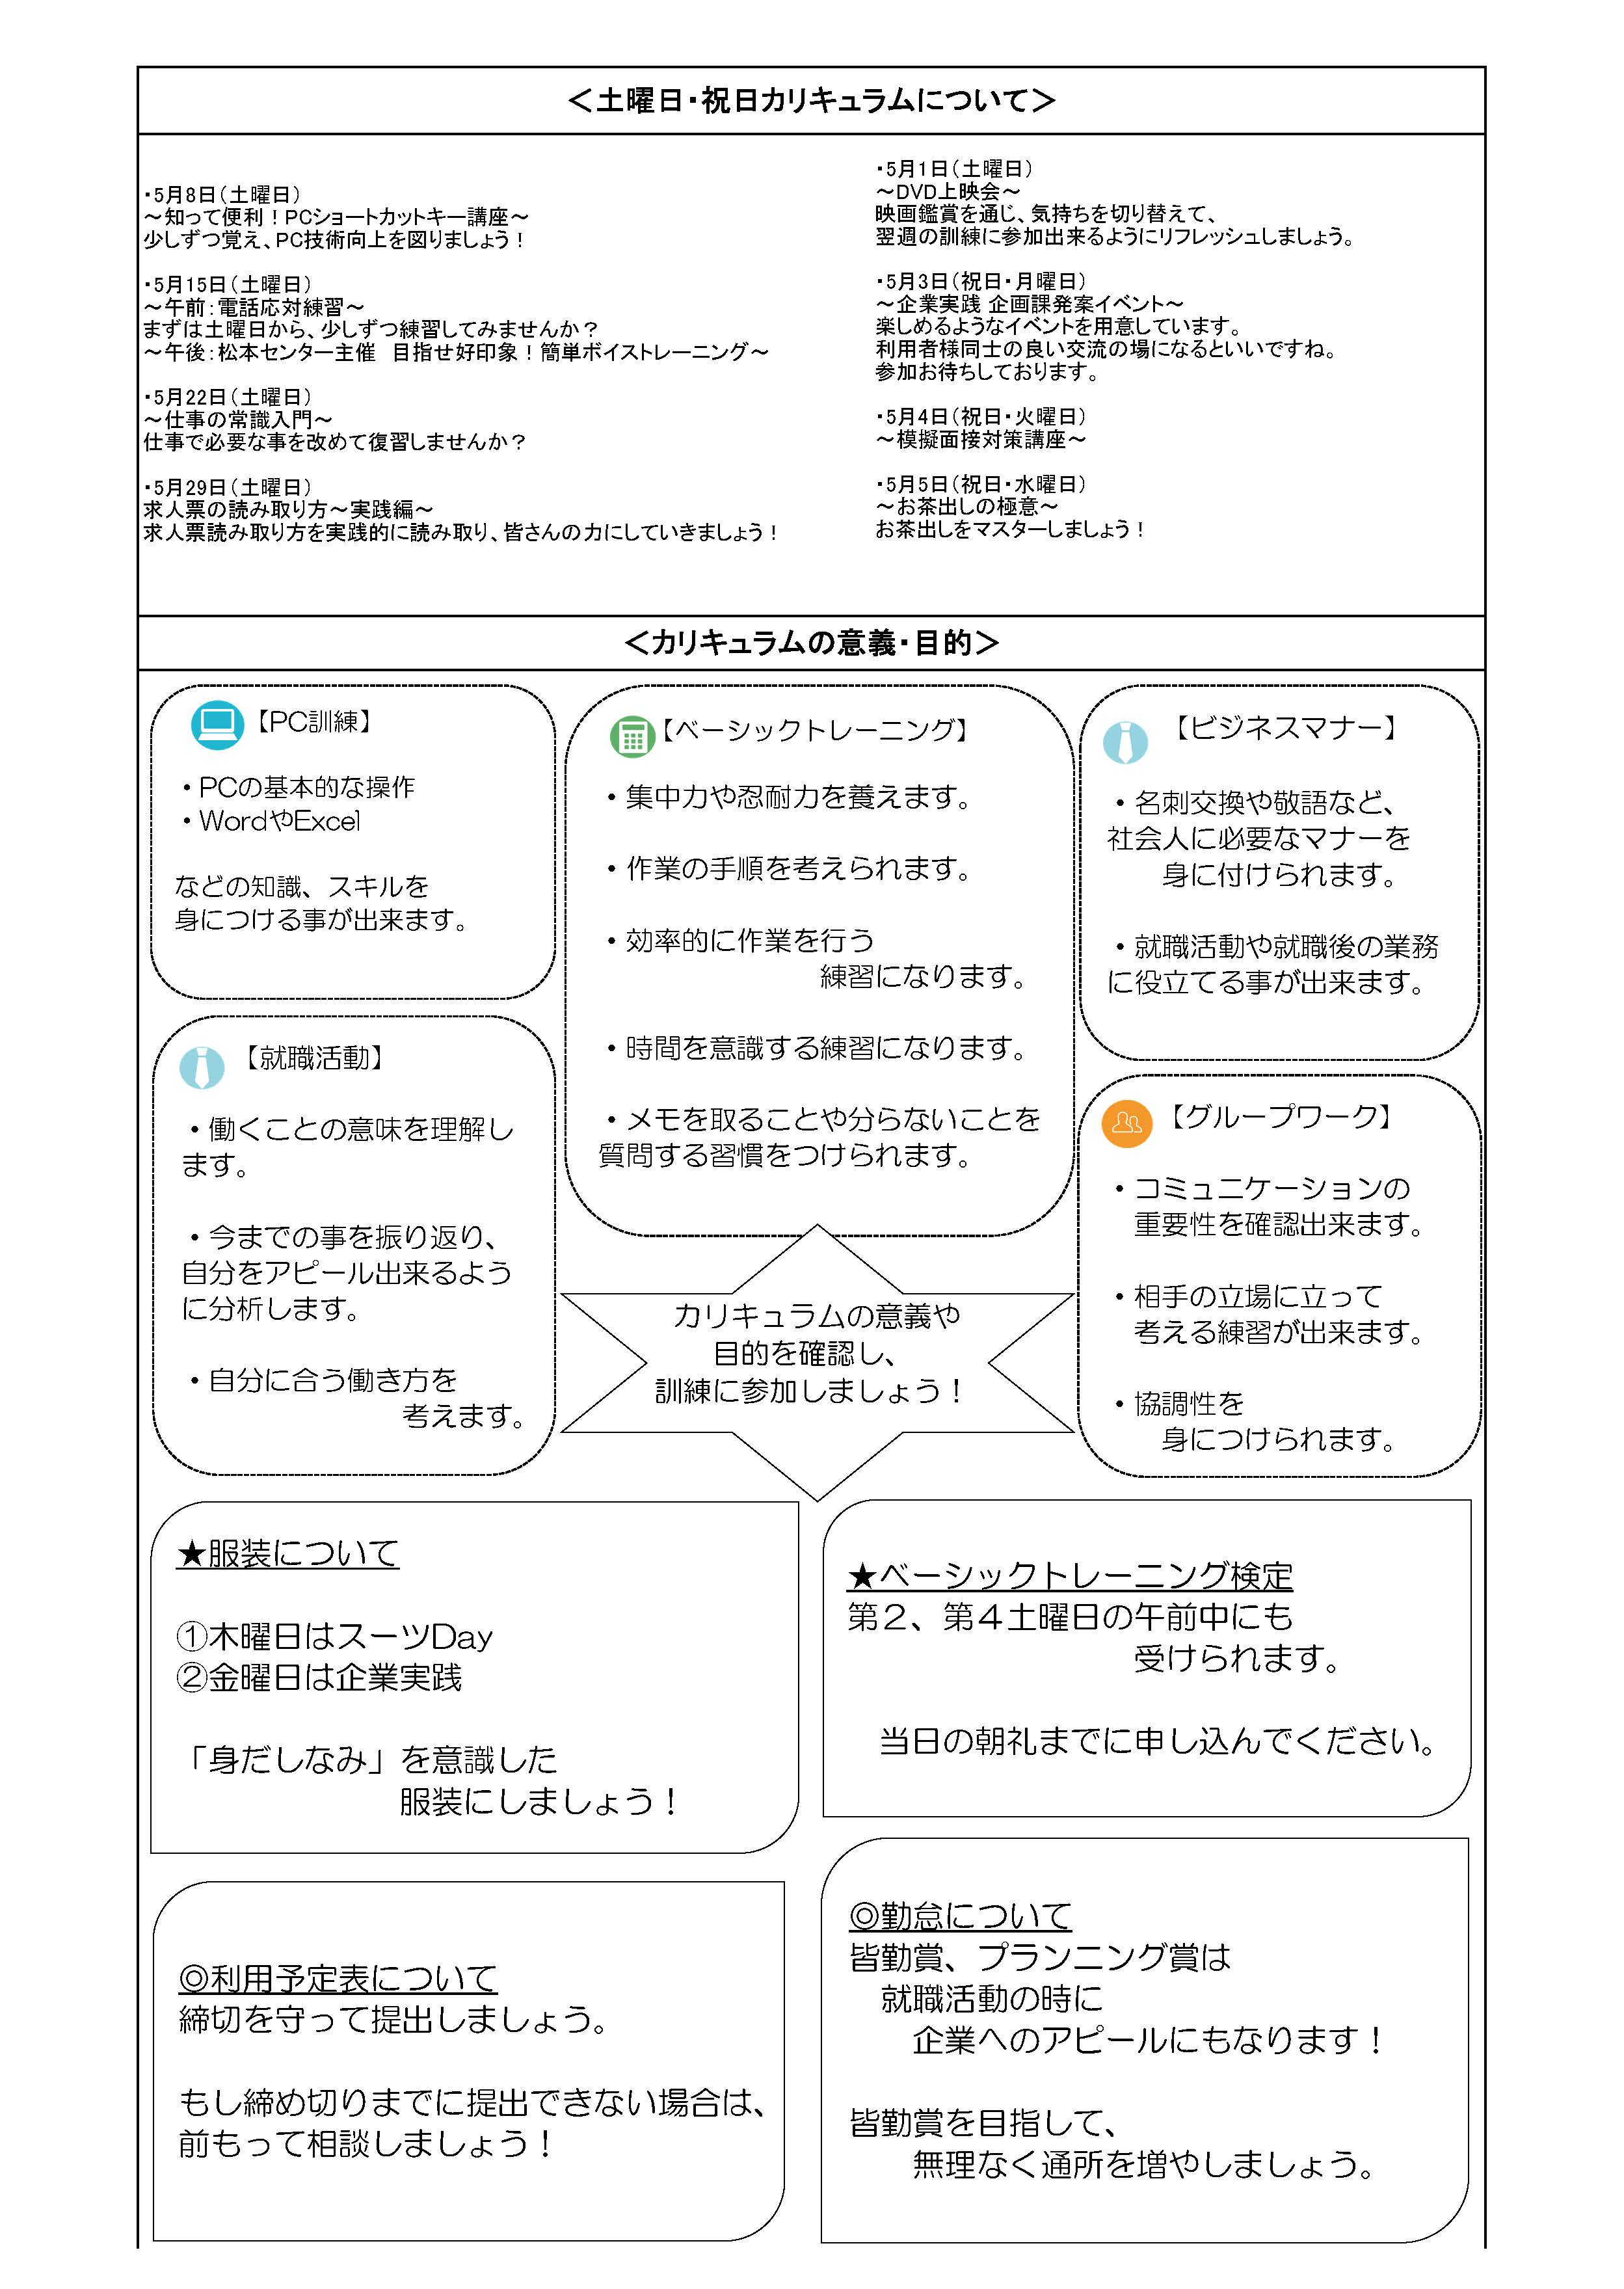 川越第3センターブログ挿入文書20210427_ページ_2